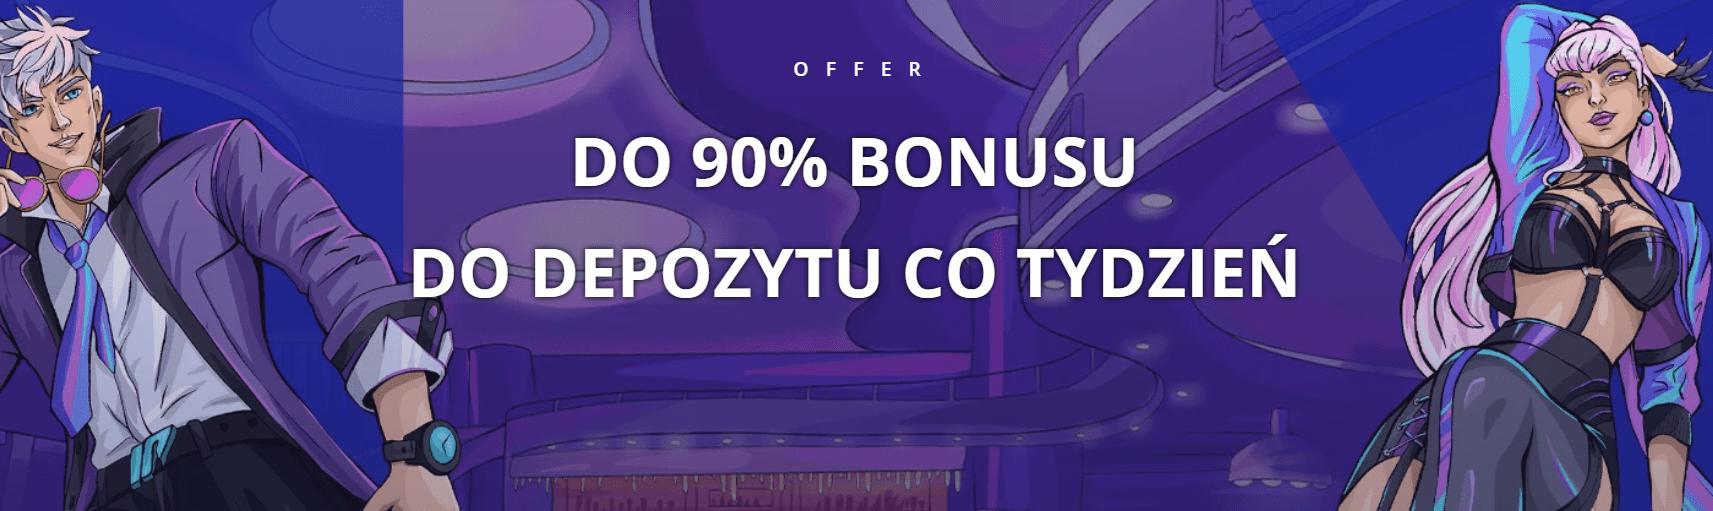 Do 90% bonusu